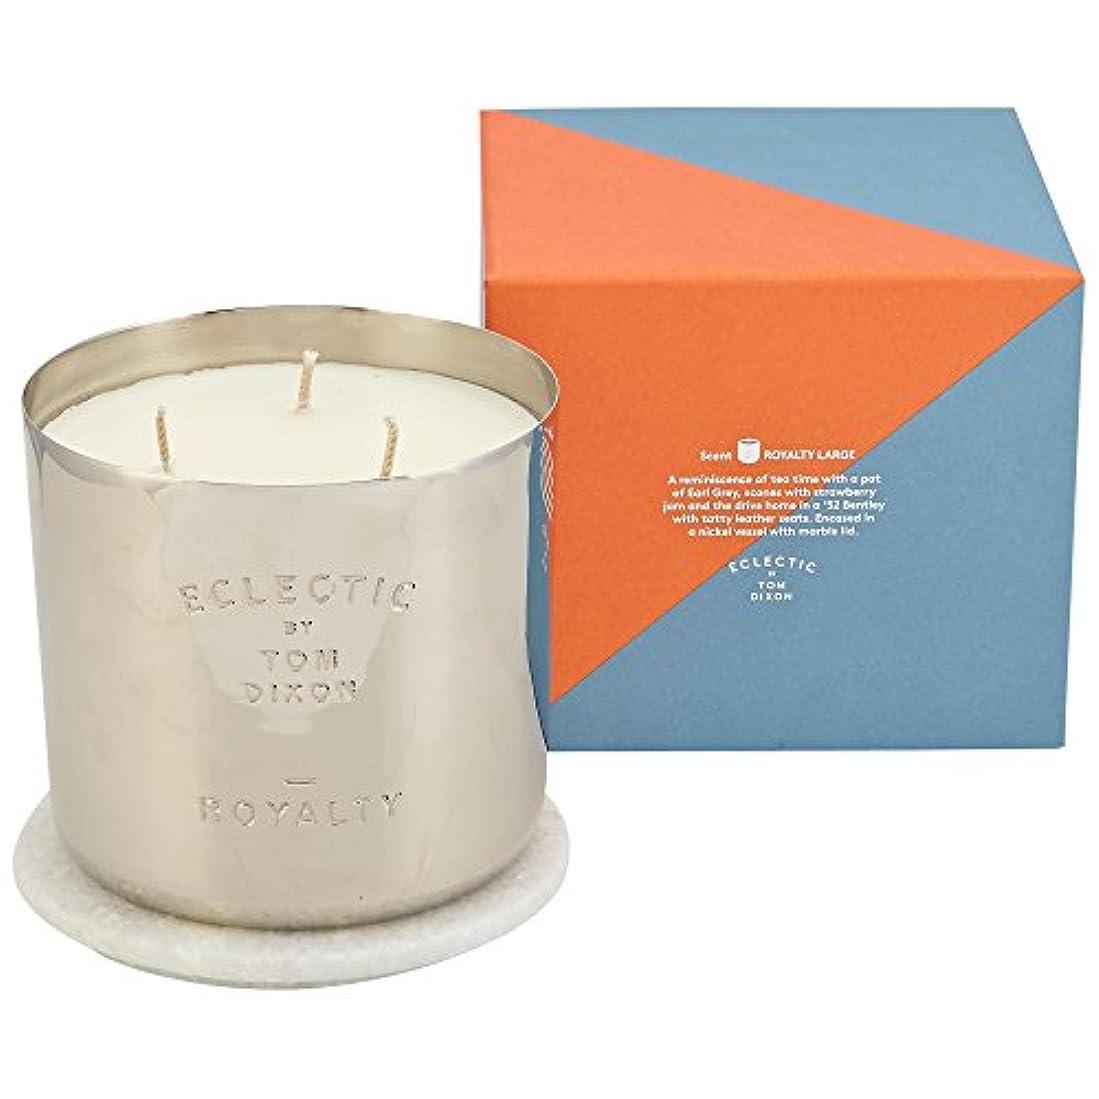 エスニック悲劇脚本家Tom Dixon Royalty Scented Candle Large (Pack of 2) - トムディクソンロイヤリティ大きな香りのキャンドル x2 [並行輸入品]